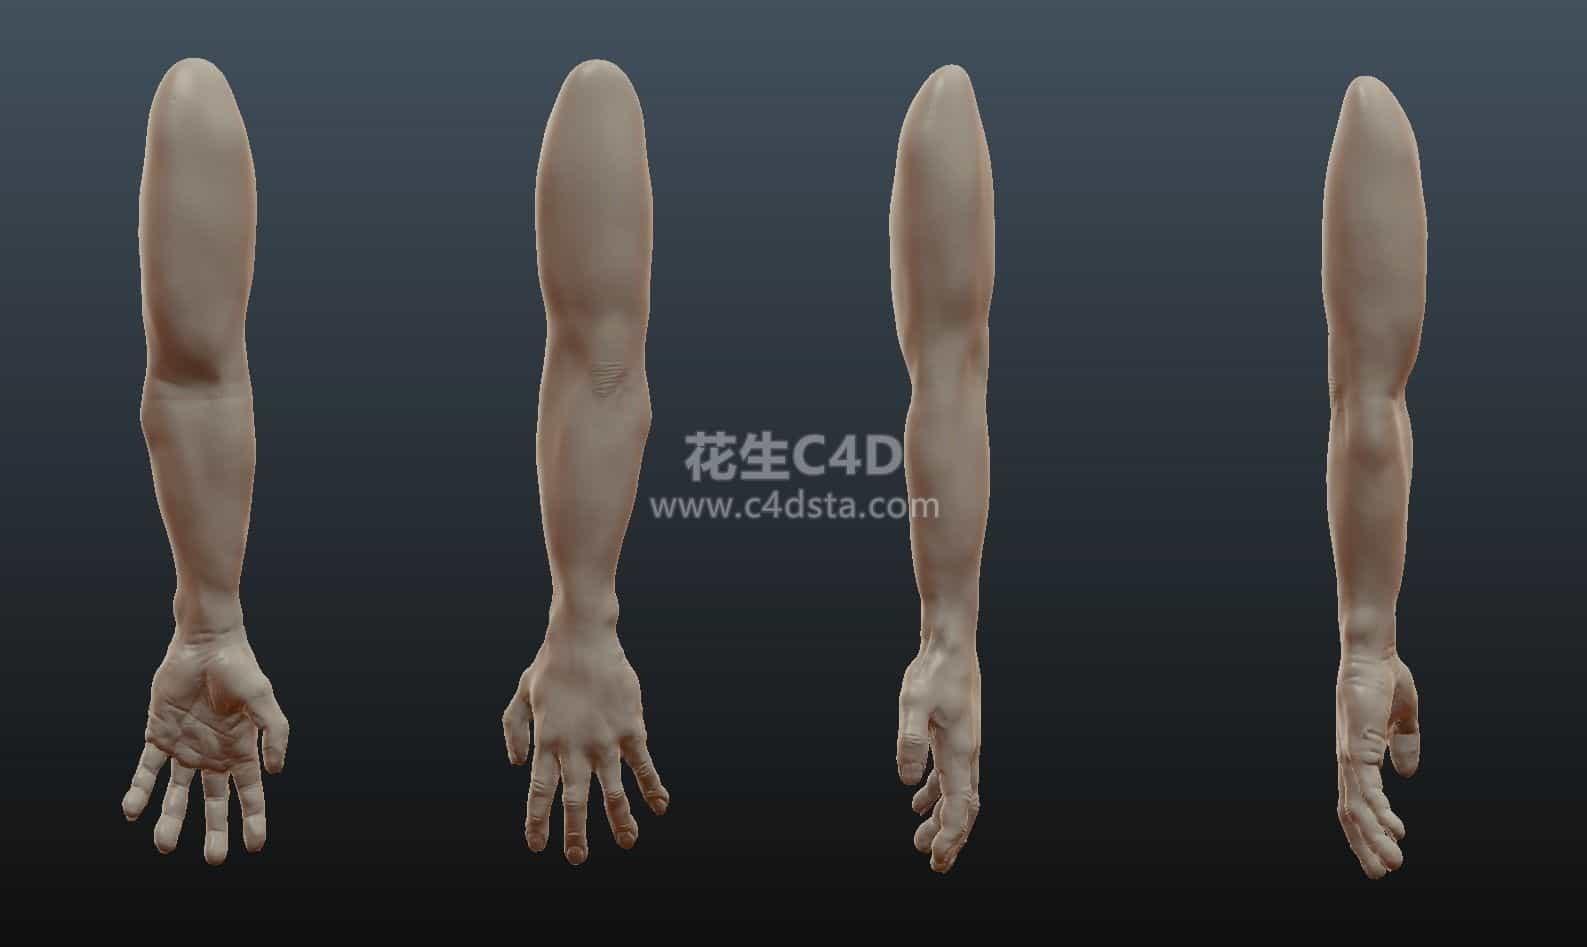 三维模型-高精度写实男性手臂模型 626CG资源站